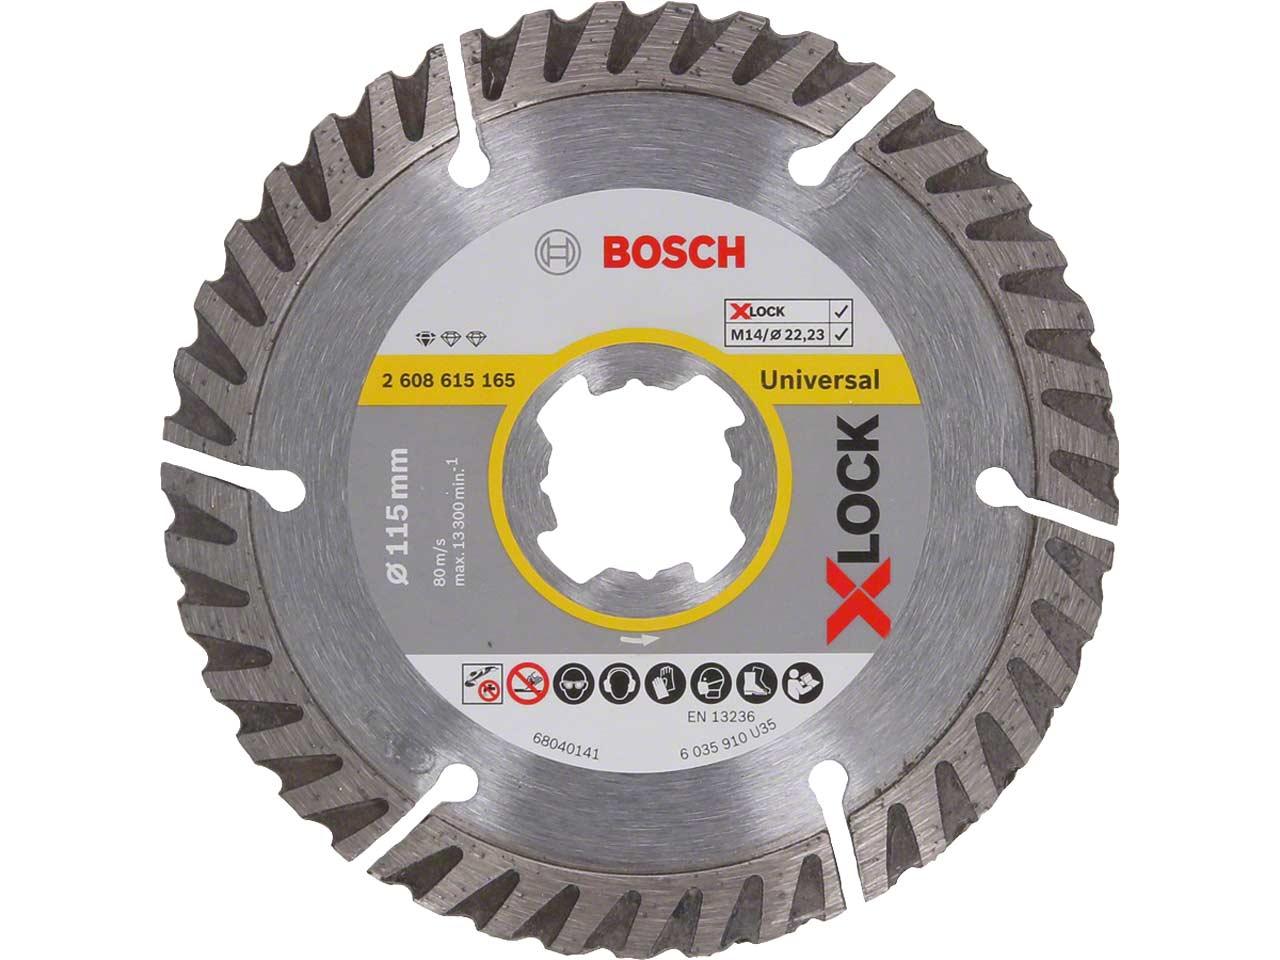 Bosch_2608615165.jpg